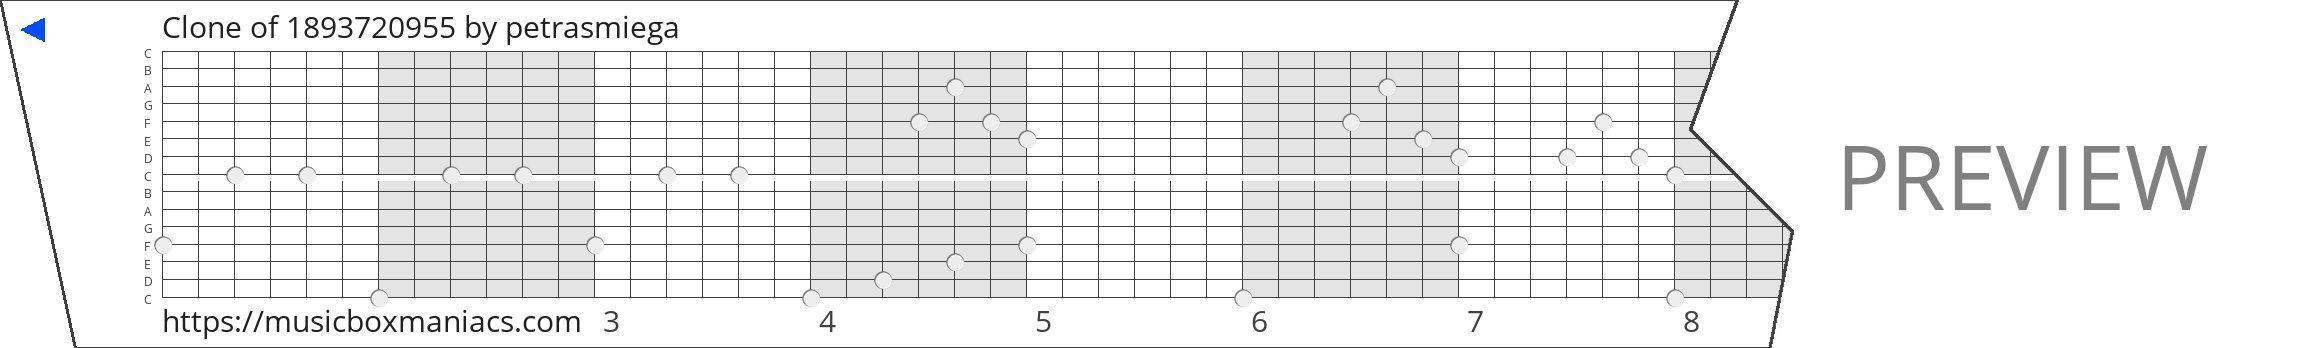 Clone of 1893720955 15 note music box paper strip